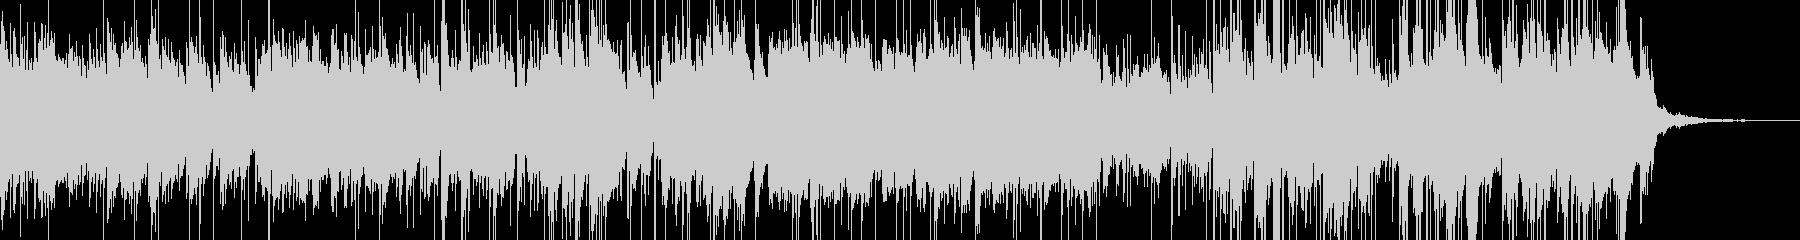 アップテンポなフュージョンサウンドの未再生の波形